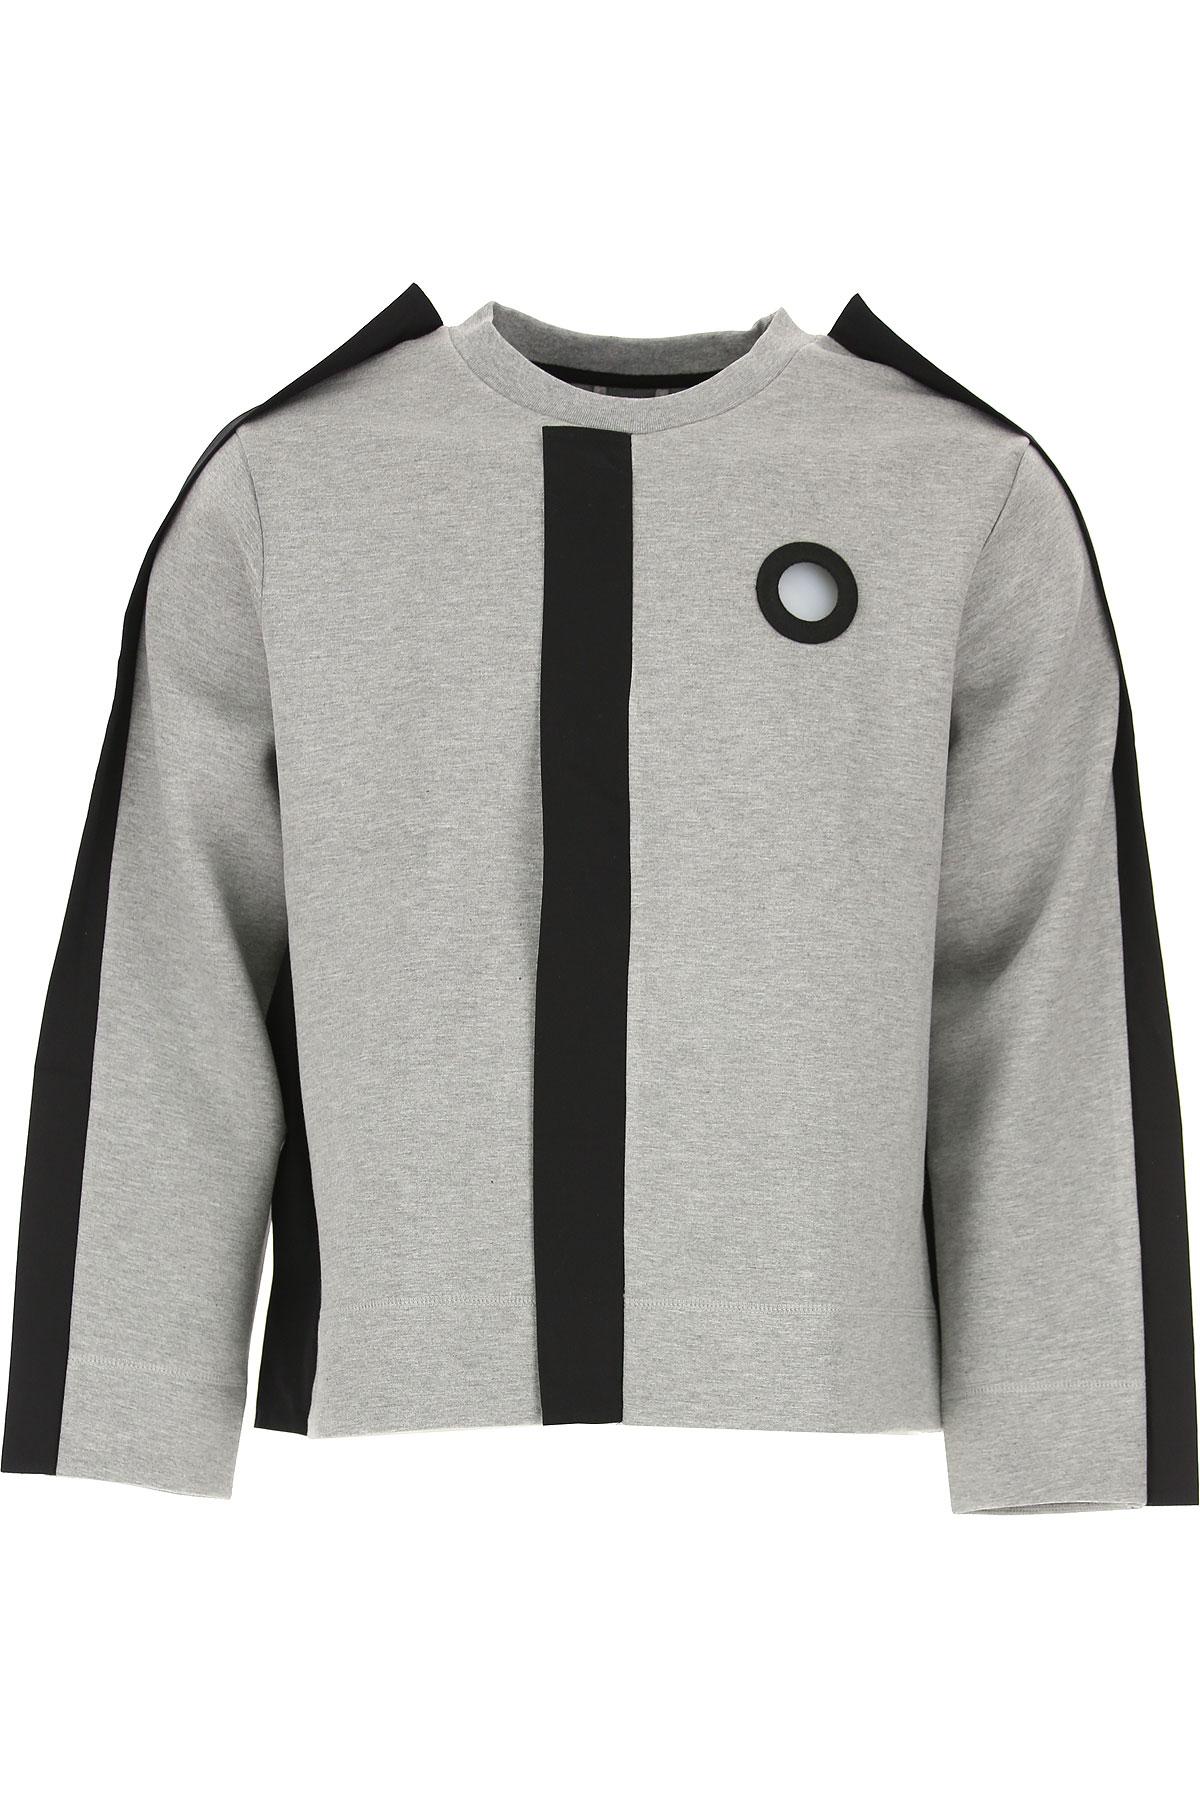 Craig Green Sweatshirt for Men On Sale in Outlet, Melange Grey, viscosa, 2019, L M S